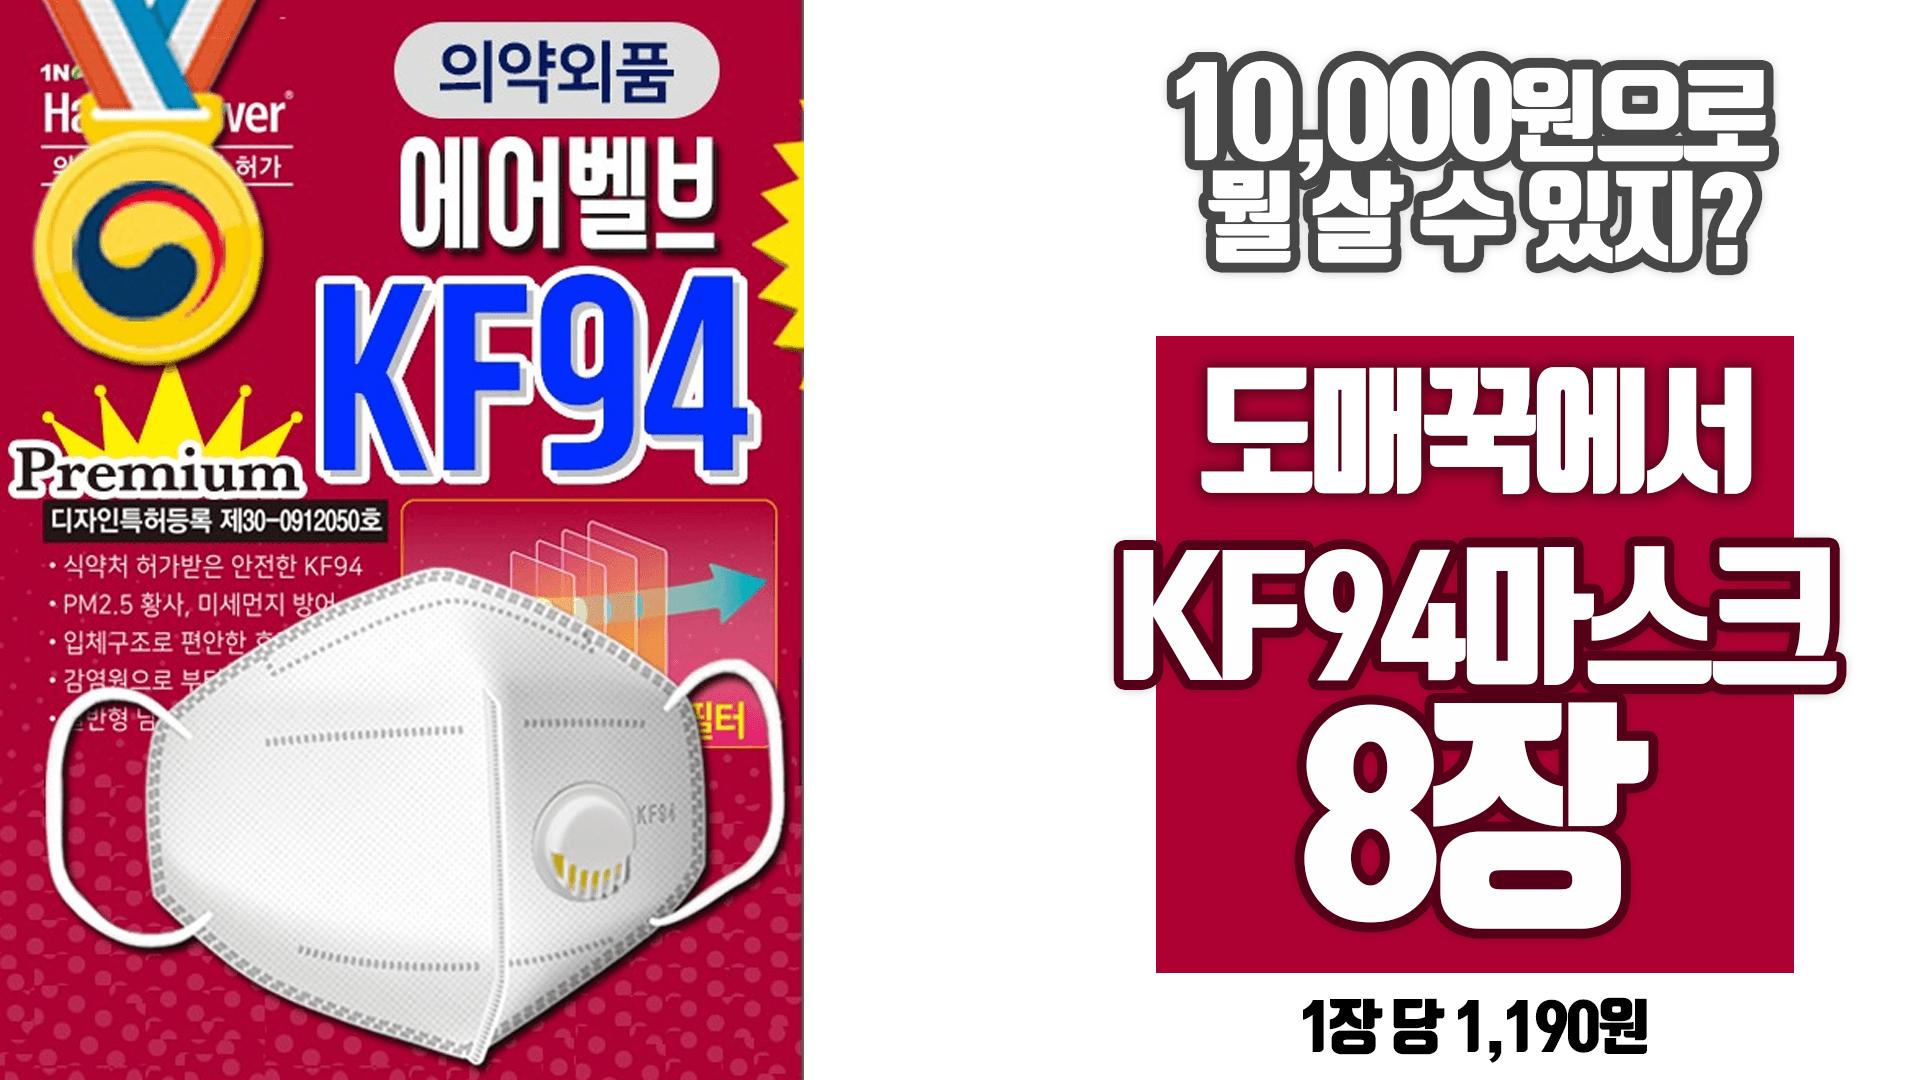 식약처인증프리미엄KF94/미세4중필터 +초미세에어필터